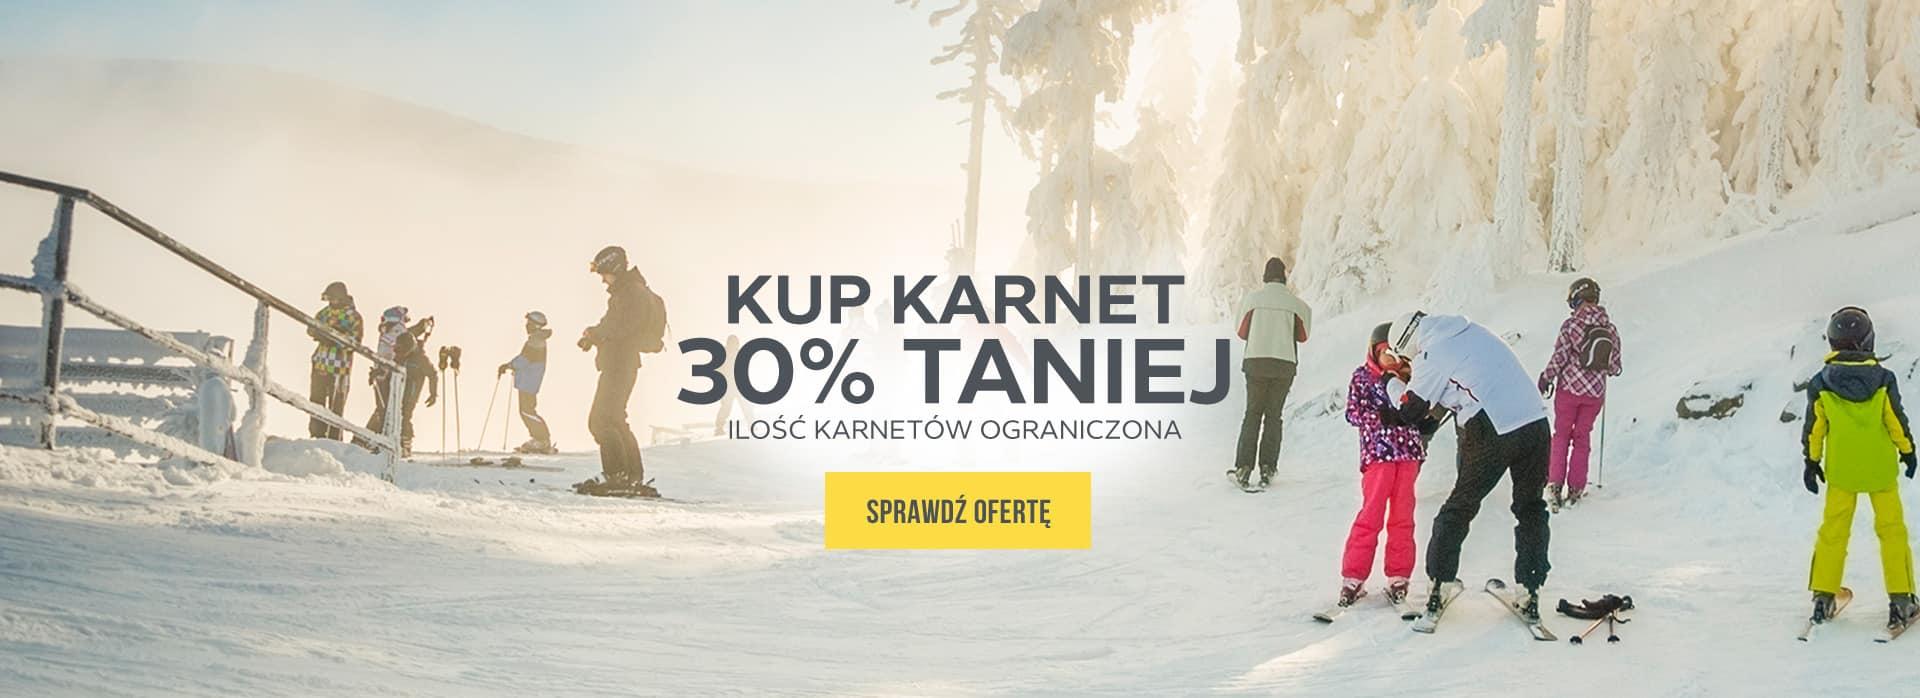 Kup karnet 30% taniej! Sprawdź